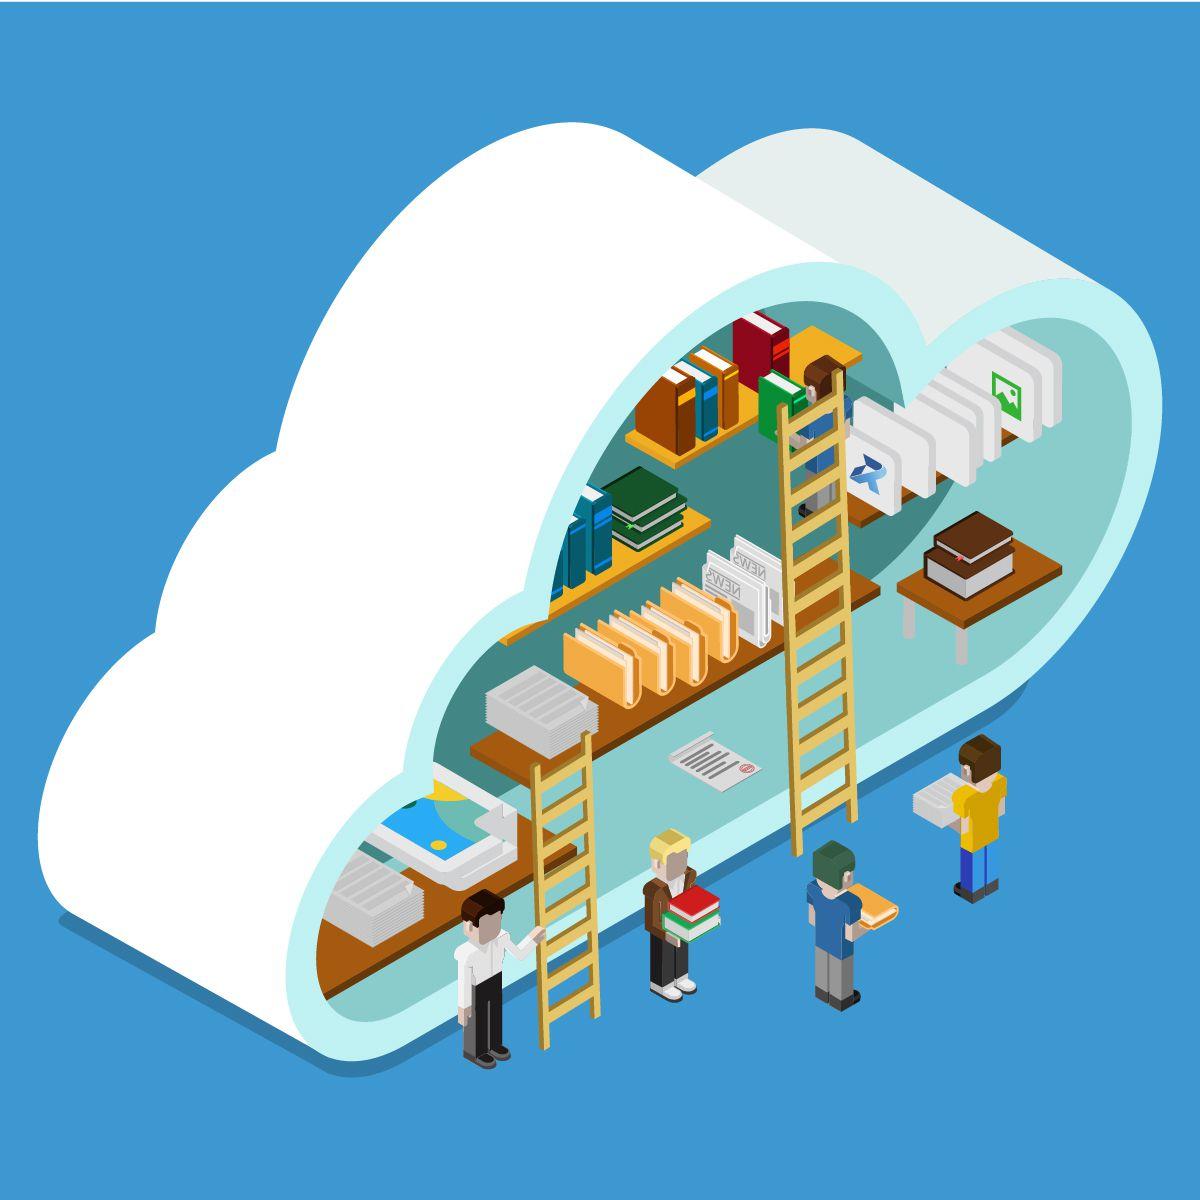 documentos na nuvem